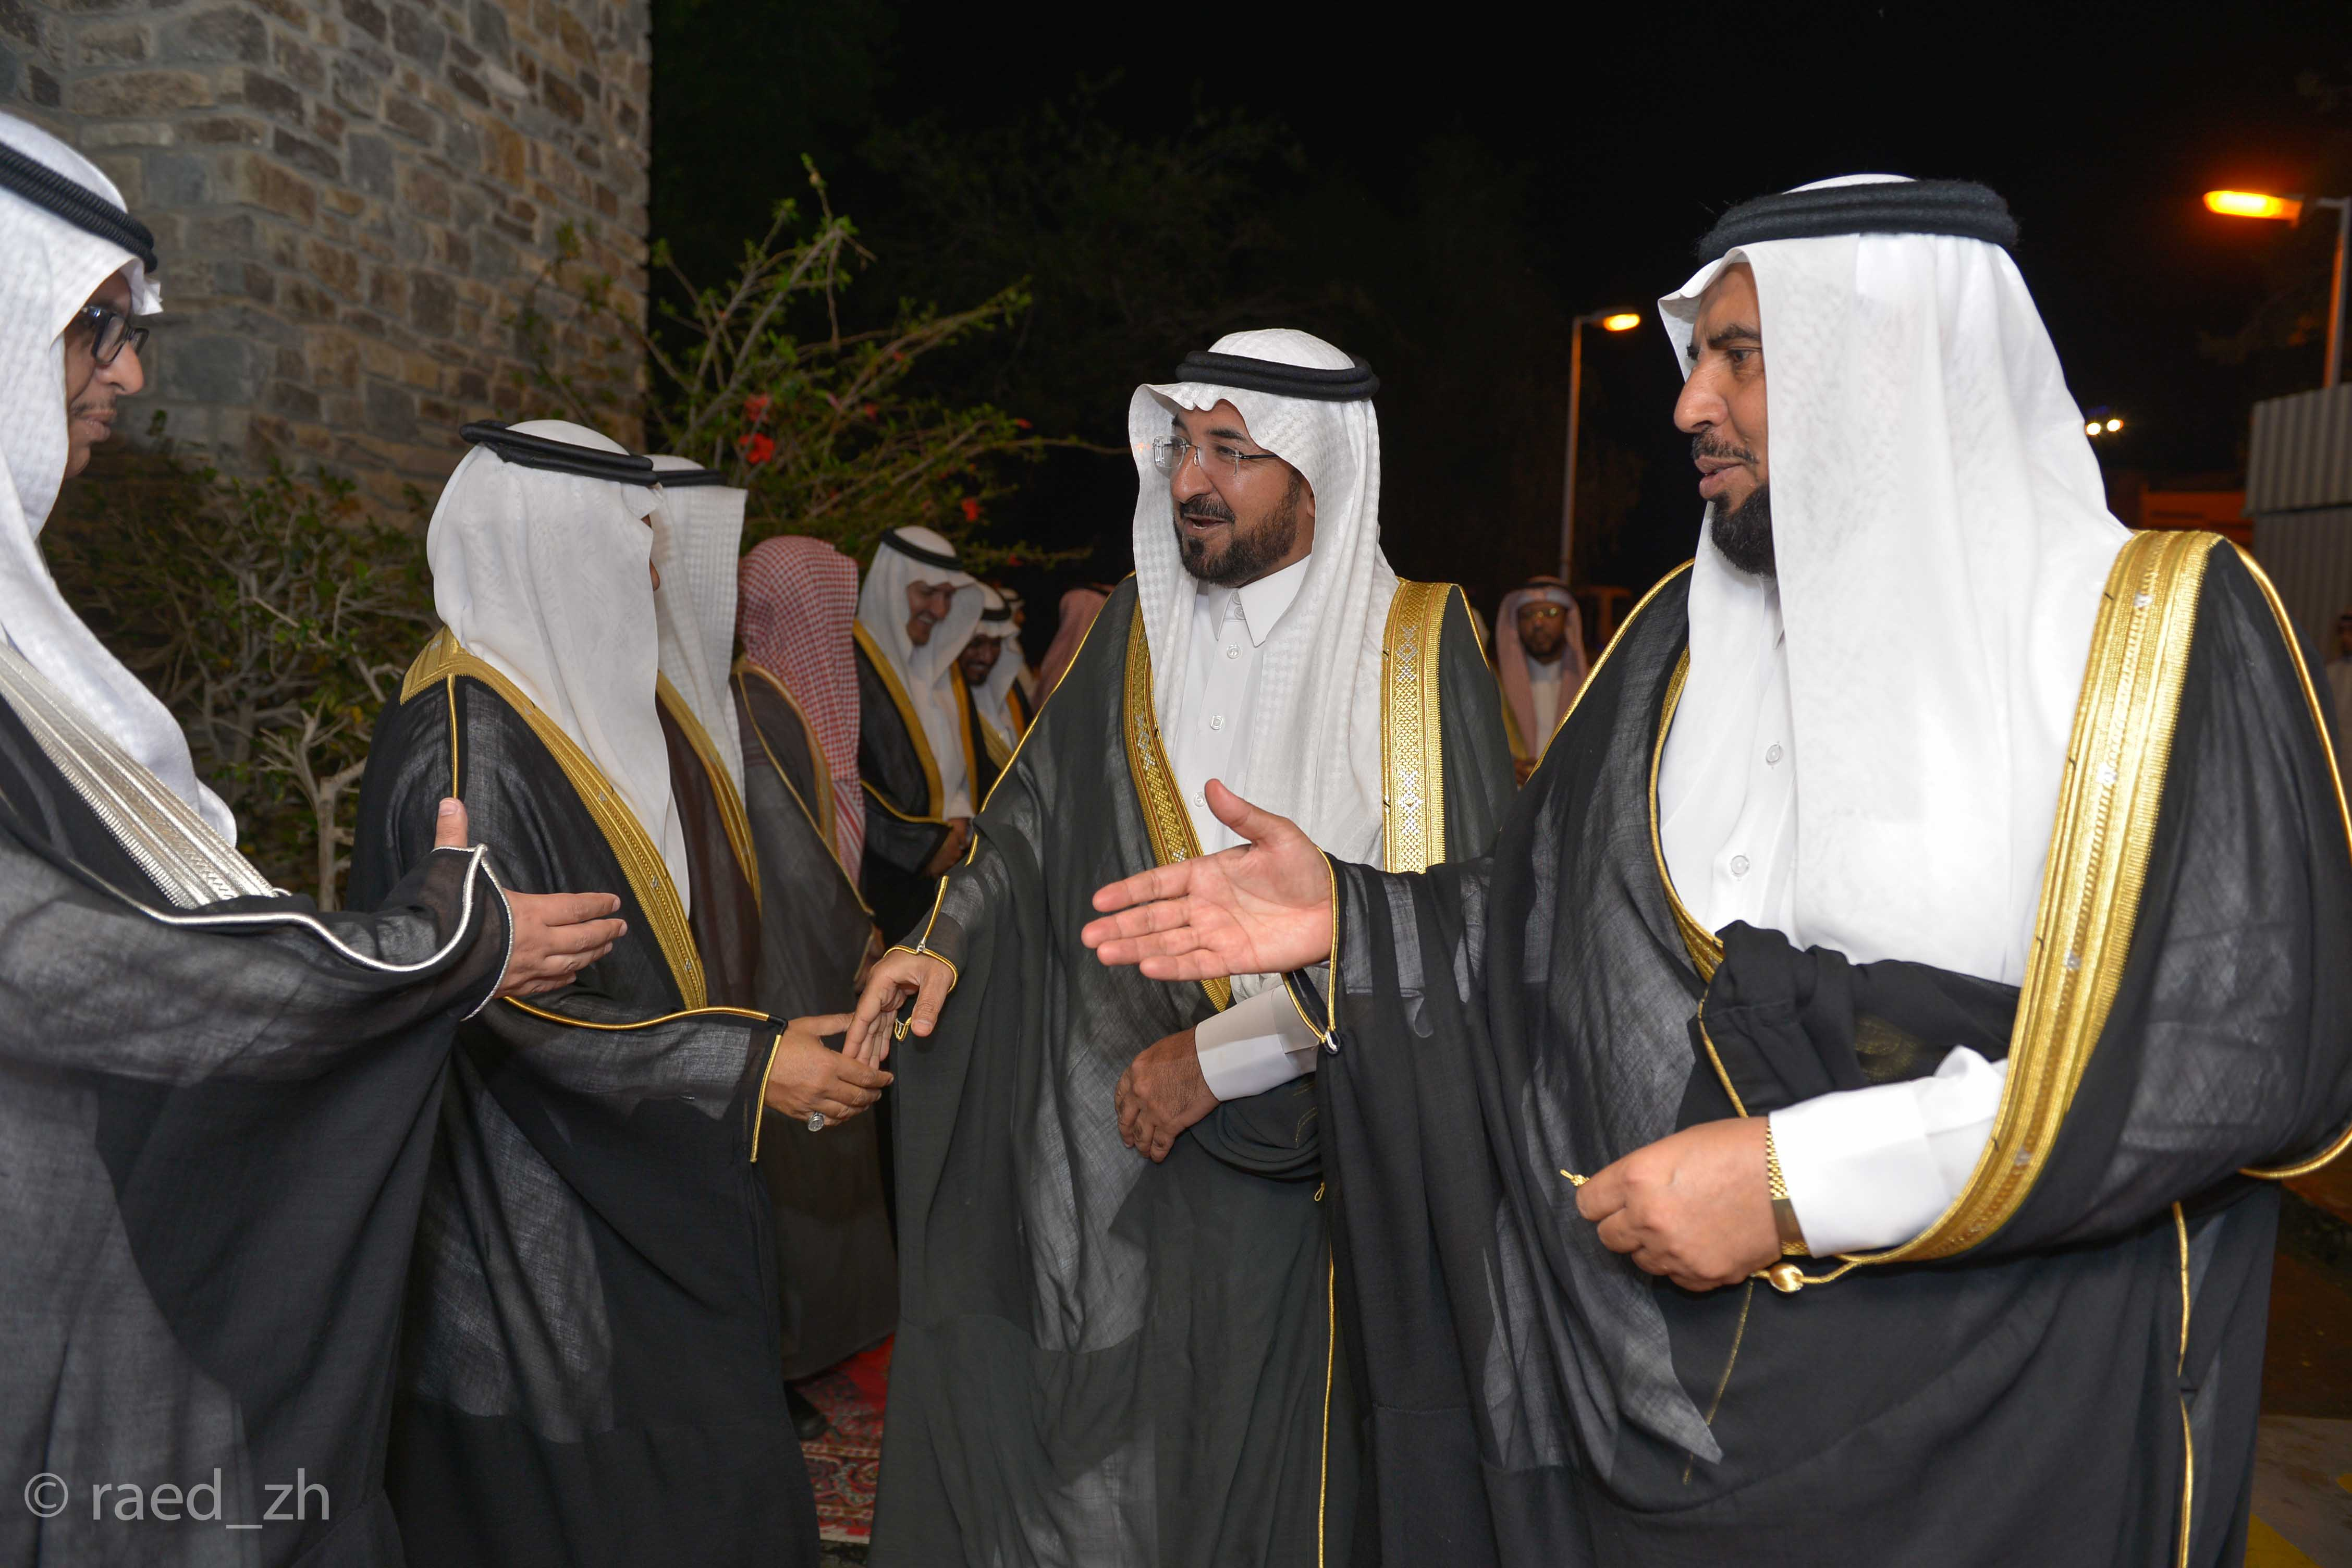 امير الباحة يرعى تخريج الدفعة العاشرة من طلاب وطالبات جامعة الباحة (1)